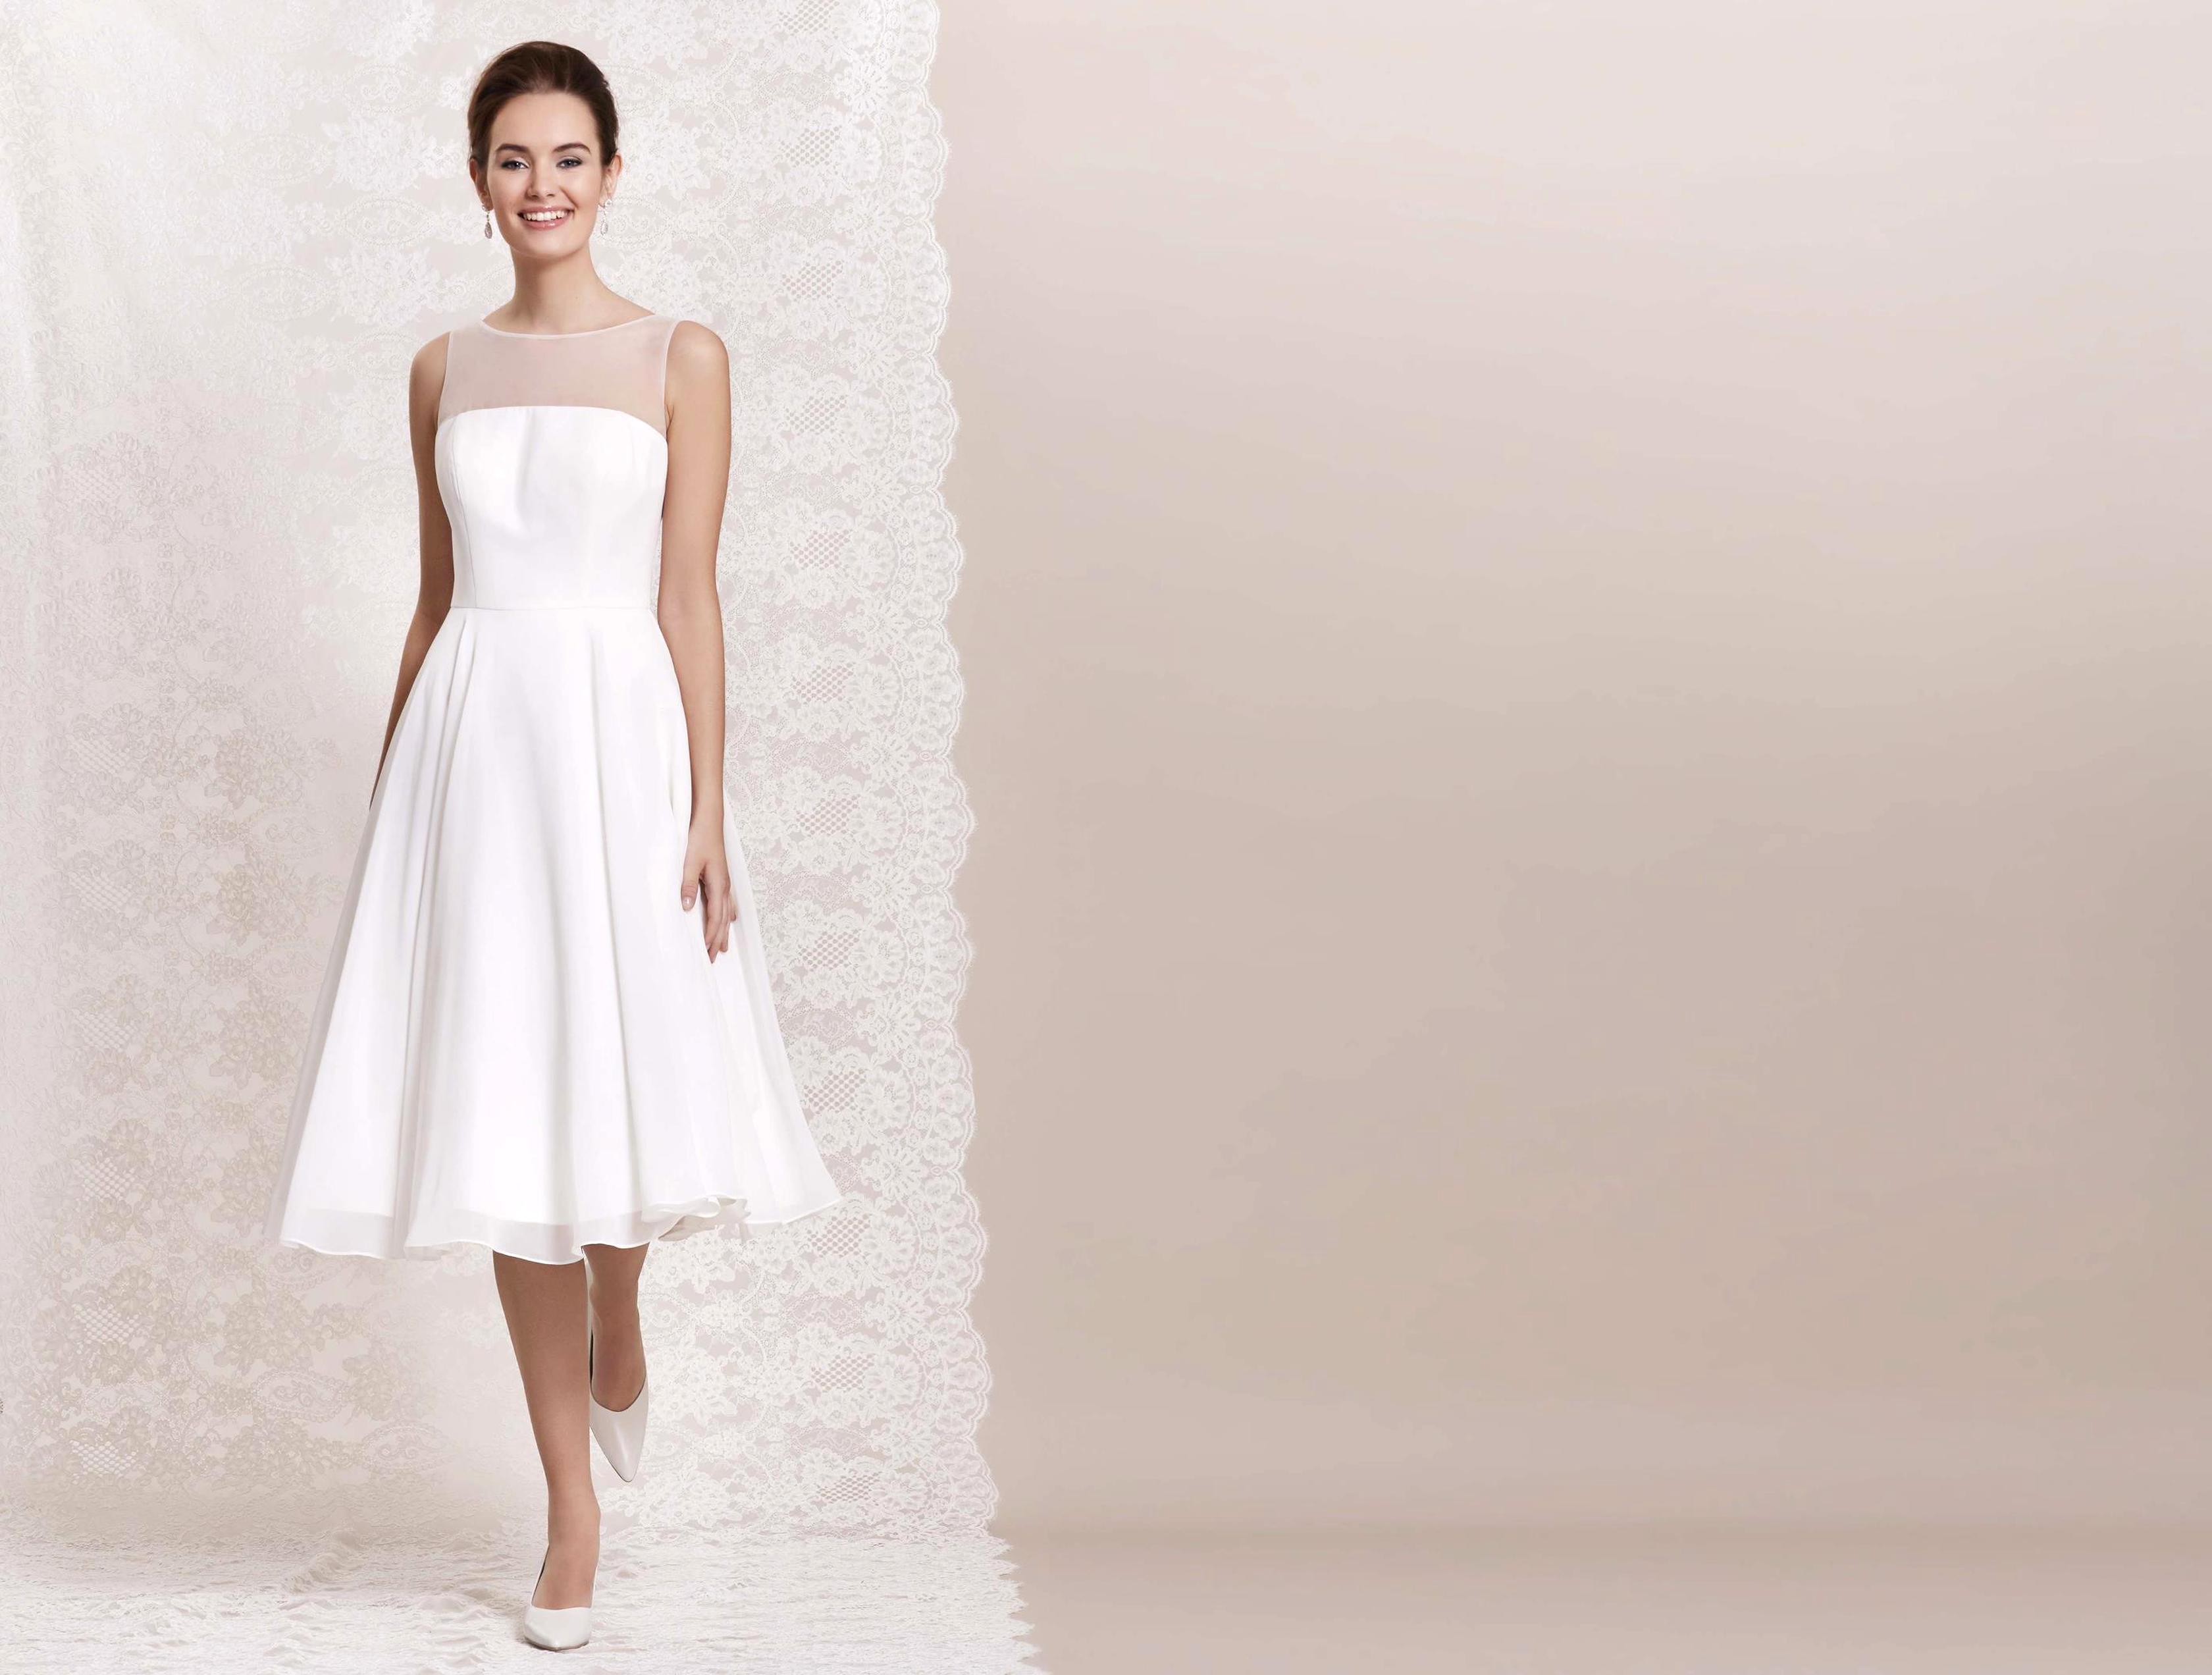 brautkleid hochzeitskleid standesamtkleid gr. 38,